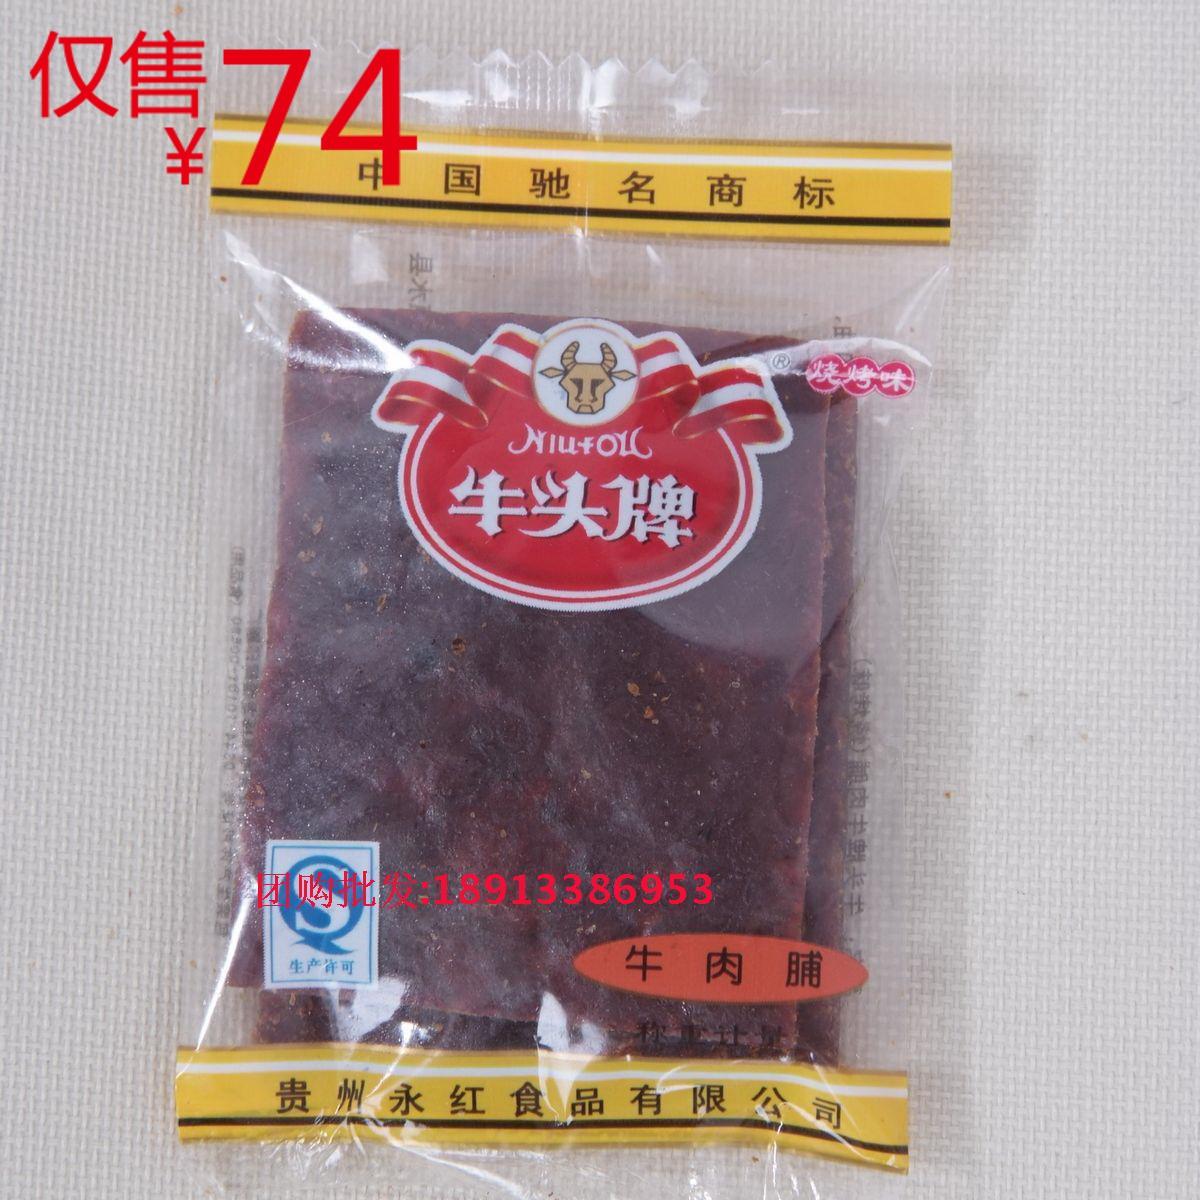 【贵州特产】牛头牌牛肉干 牛肉脯 烧烤味 500g 满百包邮